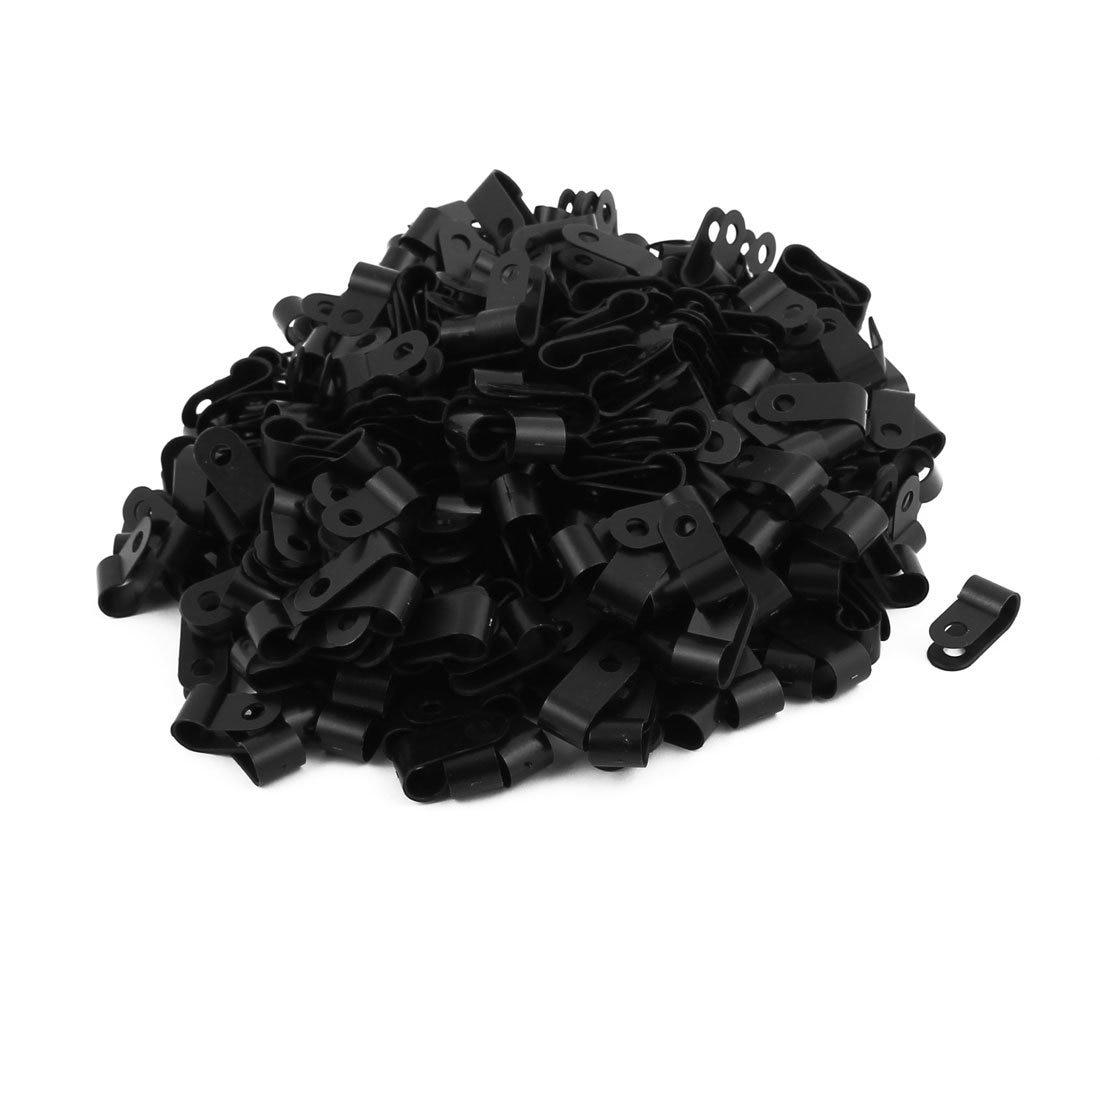 Vereinigt 400 Pcs Nylon R Typ 1/4 Zoll 6,4mm Kabel Draht Clamp Clip Verschluss Schwarz Online Shop Zwischenablage Notebooks & Schreibblöcke